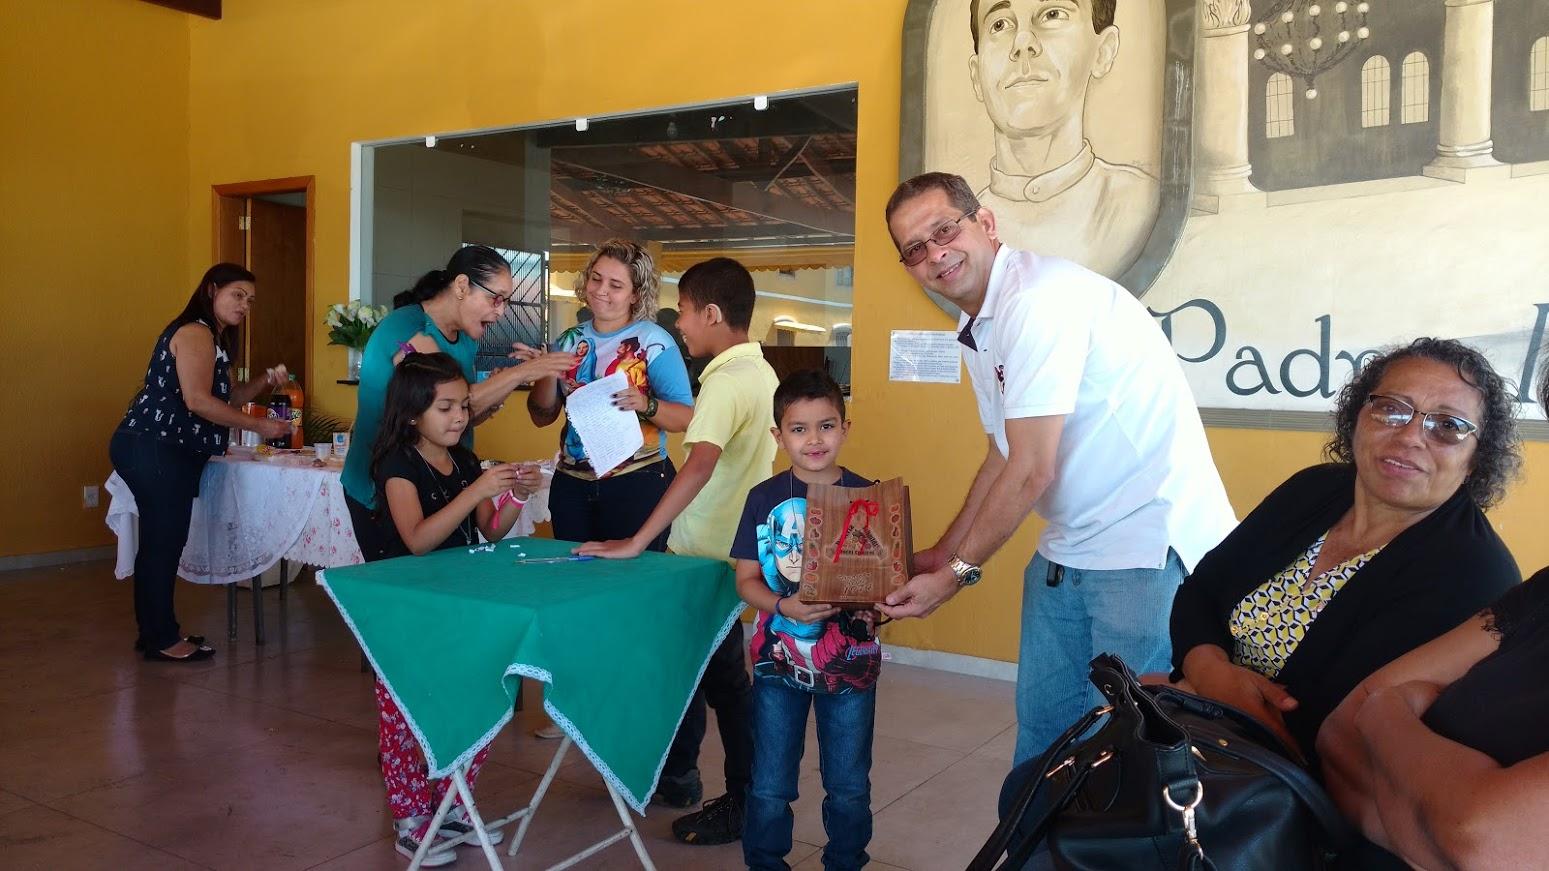 Surdo recebndo das mãos de uma criança um pacote de doces cristalizados. Salão de Convivência, Na Igreja de Campo Grande.